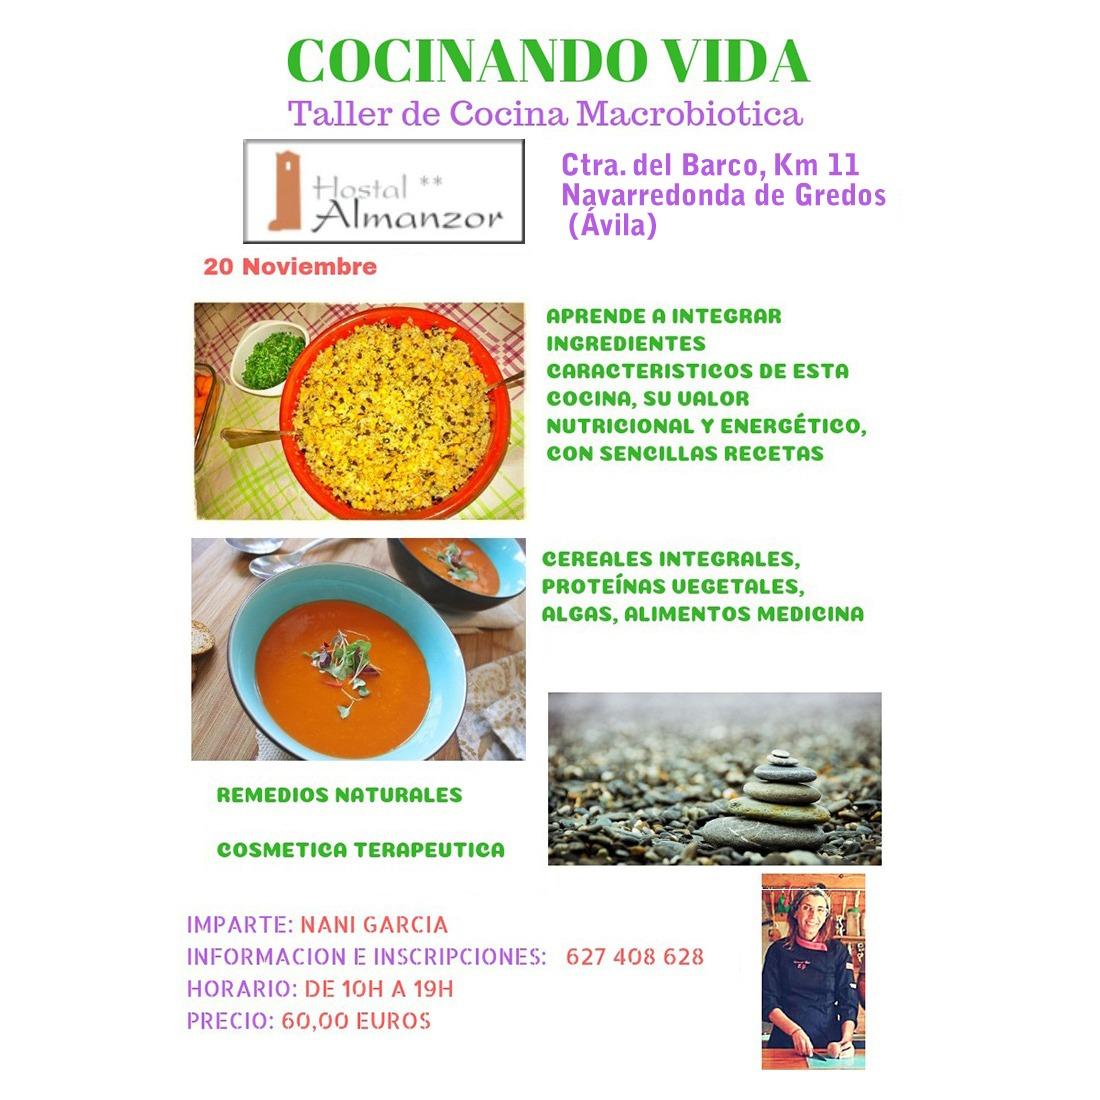 Taller de cocina macrobiótica en Gredos